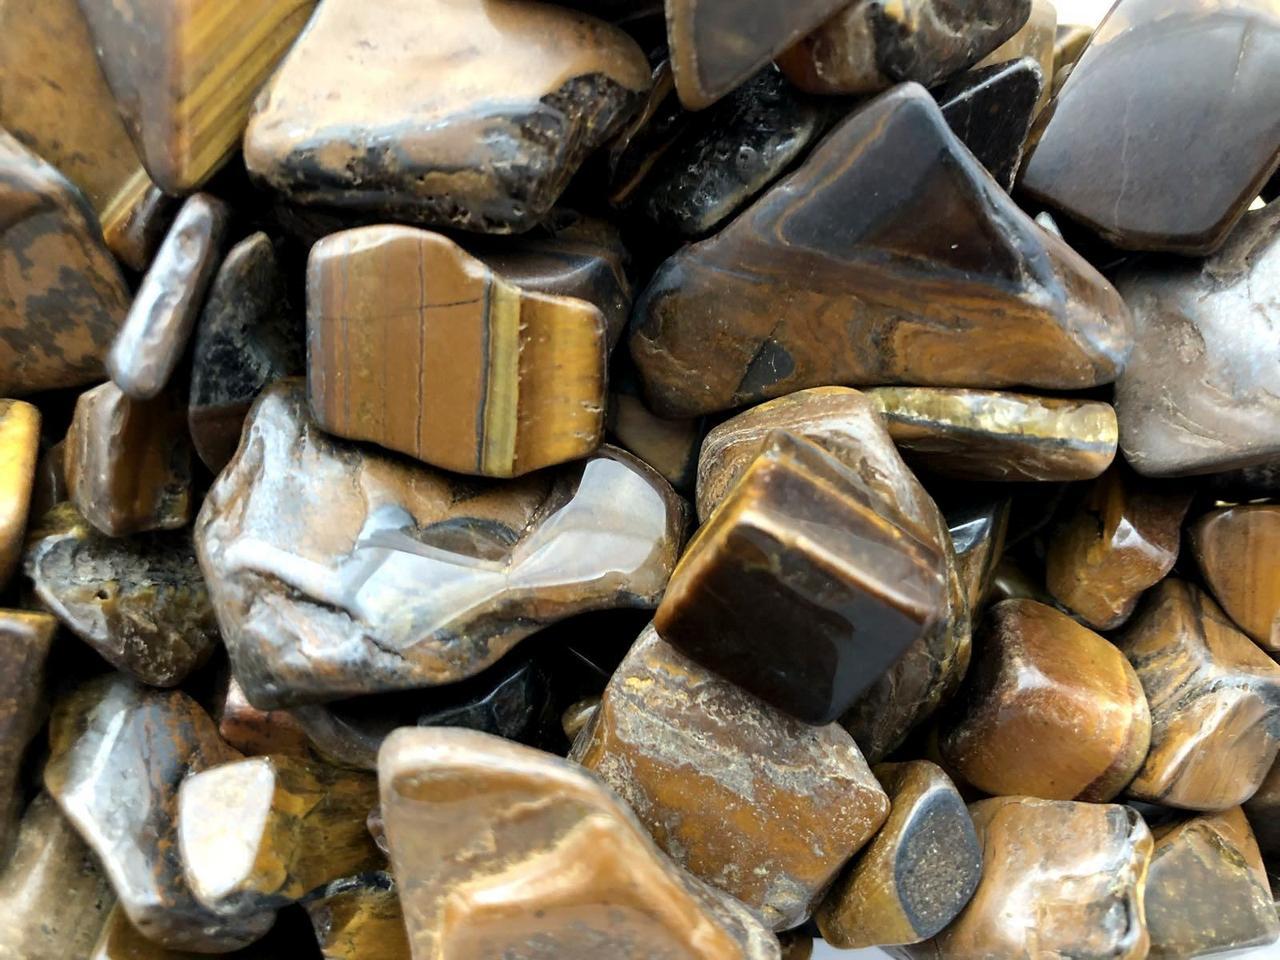 Натуральный камень крошка Тигровый Глаз 10-25 мм 10 грамм Камінь крихта коричневий Тигрове око